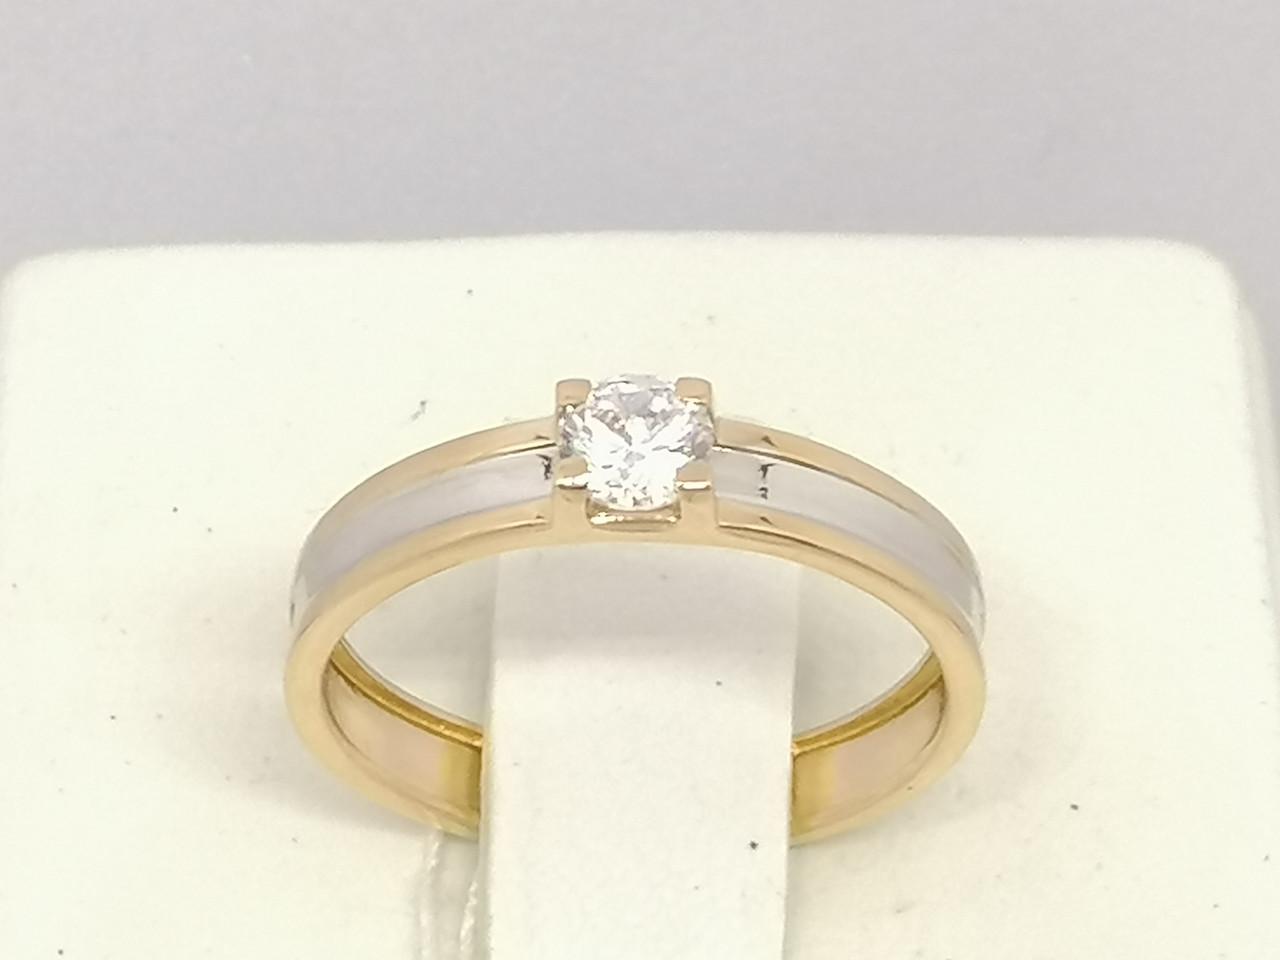 Золотое кольцо с фианитом. Артикул 141071 16,5